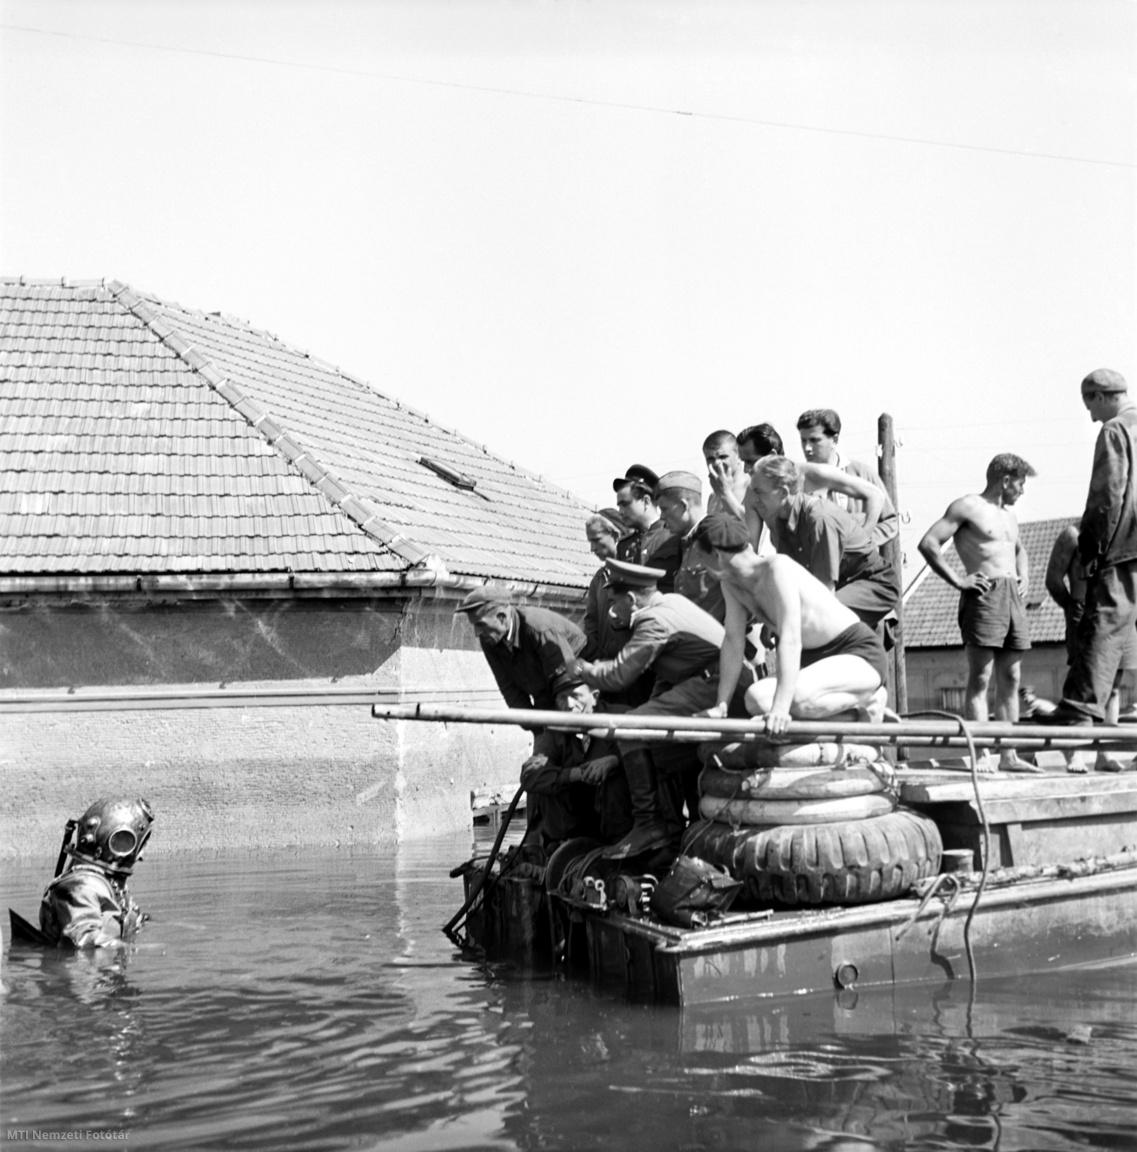 A szovjet hadsereg kétéltű járművével szovjet és magyar katonák közösen búvár segítségével vontatják ki a gépkocsikat a három és fél méteres víz alól Győrben, az 1954 júliusi árvíz idején.